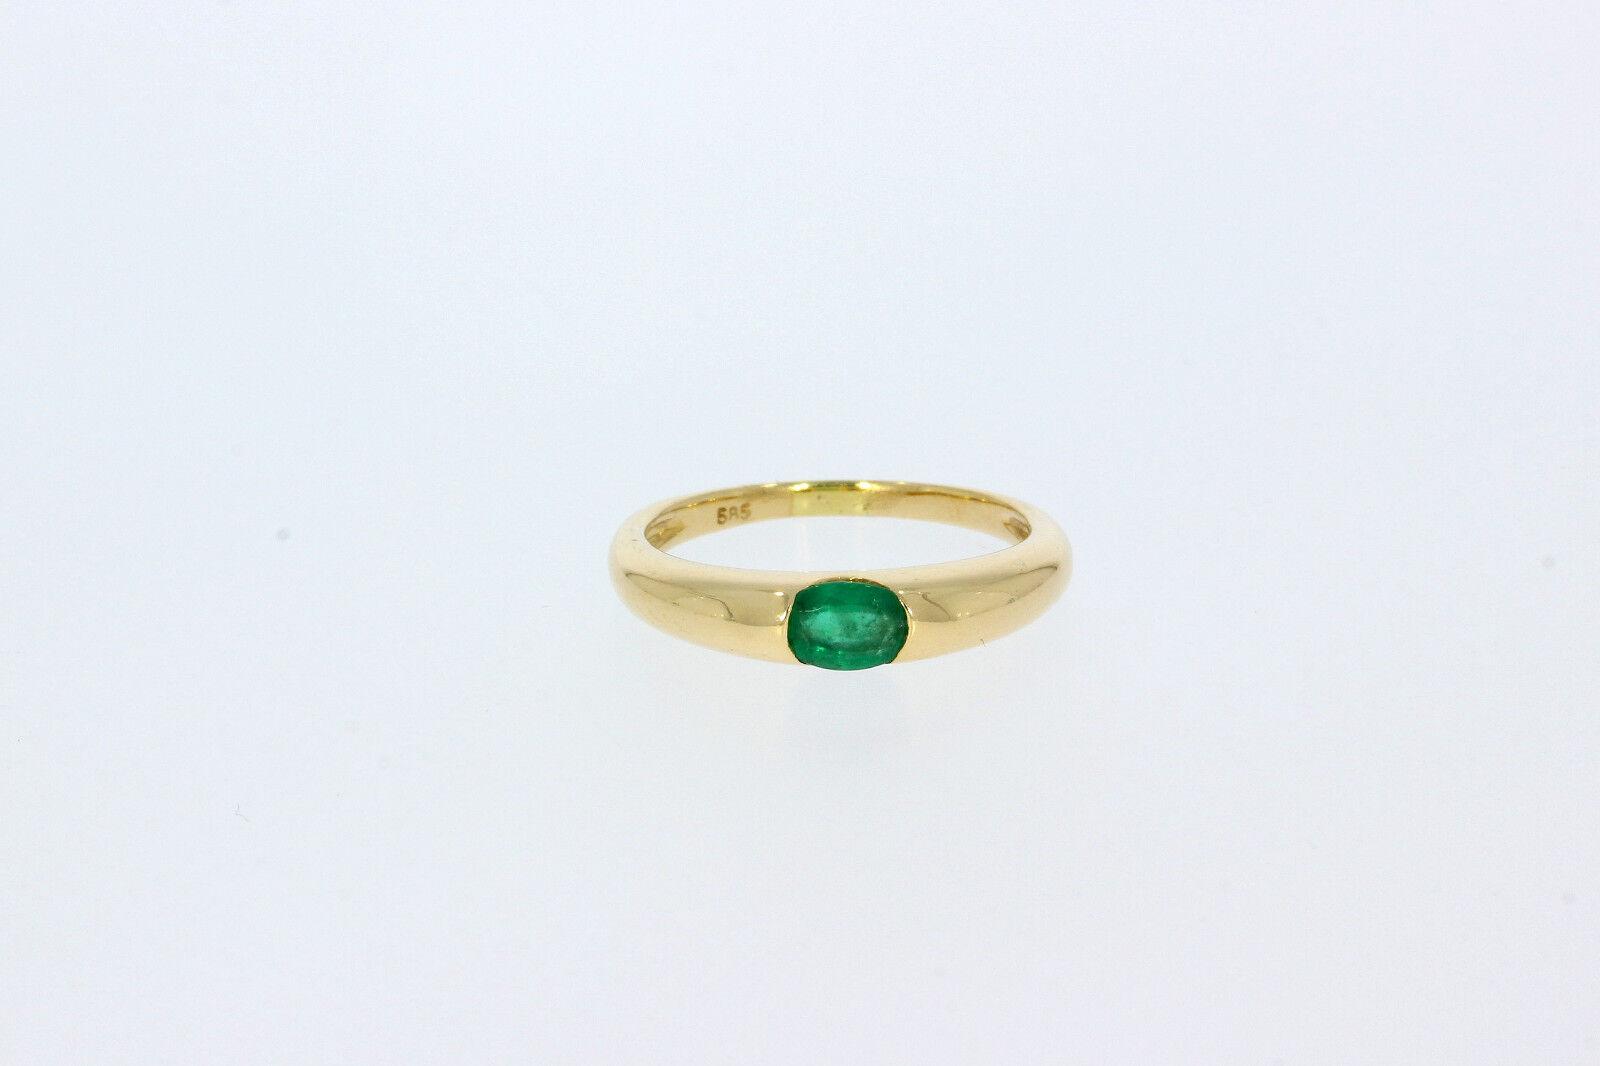 8899-585er yellowgoldring mit Smaragd Ringgroße 55 Gewicht 3 Gramm